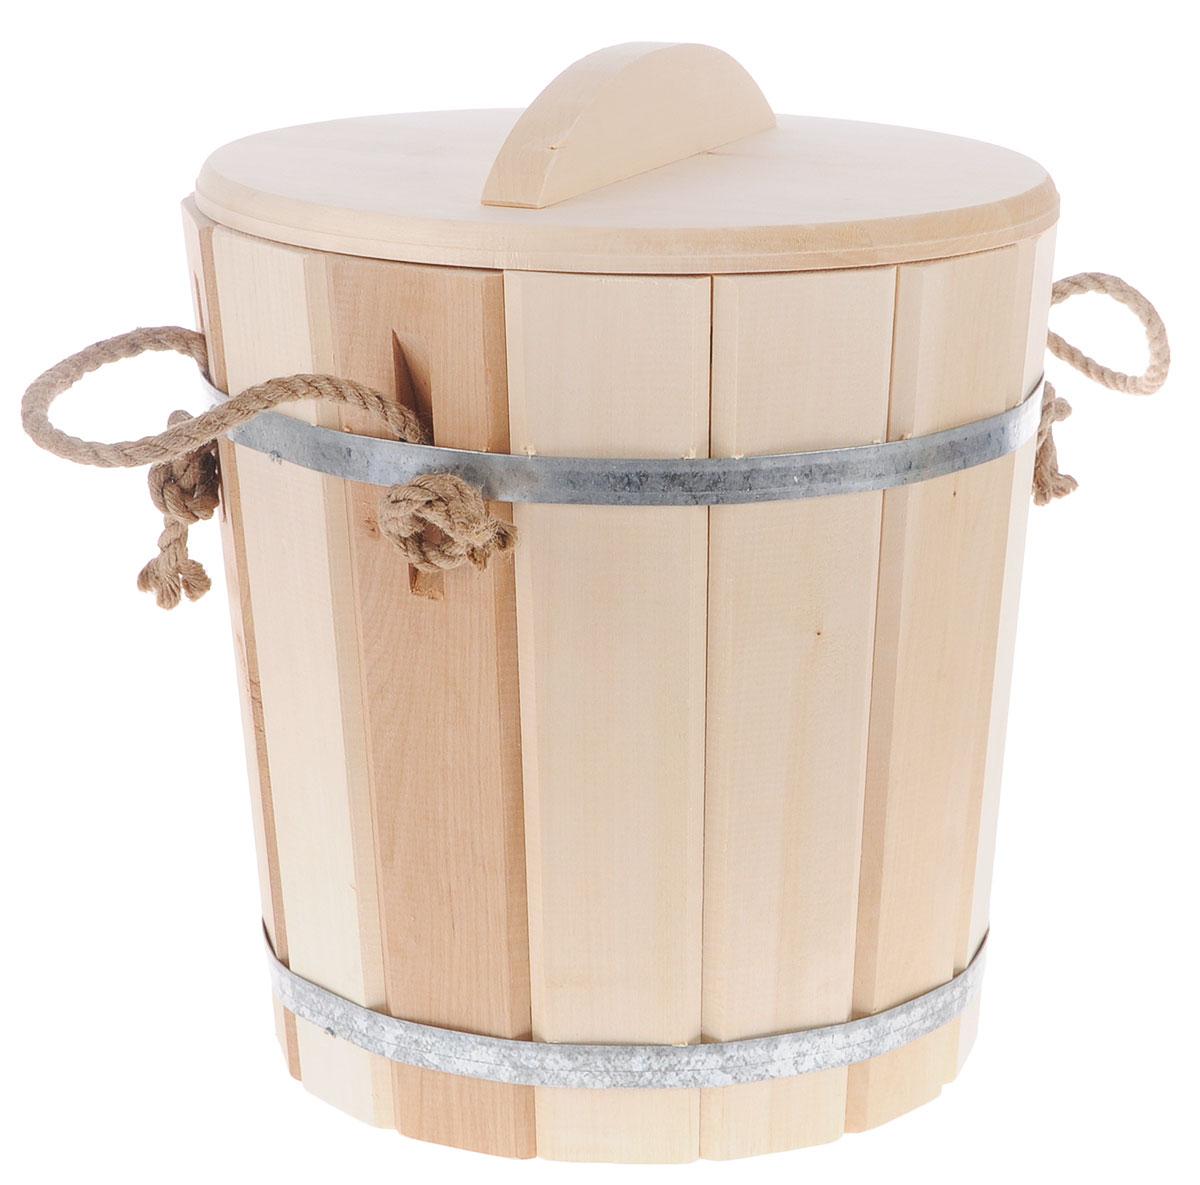 Ведро Банные штучки, с пластиковой вставкой , с крышкой, 10 л03710Деревянное ведро Банные штучки является одной из тех приятных мелочей, без которых не обойтись при принятии банных процедур. Внутренняя поверхность имеет пластиковую вставку. Для удобства использования ведро оснащено деревянной крышкой и ручкой из веревки. Ведро прекрасно подойдет для обливания, замачивания веника или других банных процедур. Интересная штука - баня. Место, где одинаково хорошо и в компании, и в одиночестве. Перекресток, казалось бы, разных направлений - общение и здоровье. Приятное и полезное. И всегда в позитиве. Характеристики: Материал: дерево (липа), металл, пластик. Объем: 10 л. Диаметр основания ведра: 24 см. Диаметр ведра по верхнему краю: 27,5 см. Высота стенок ведра: 29 см. Размер упаковки: 32 см х 32 см х 37 см. Артикул: 03710.